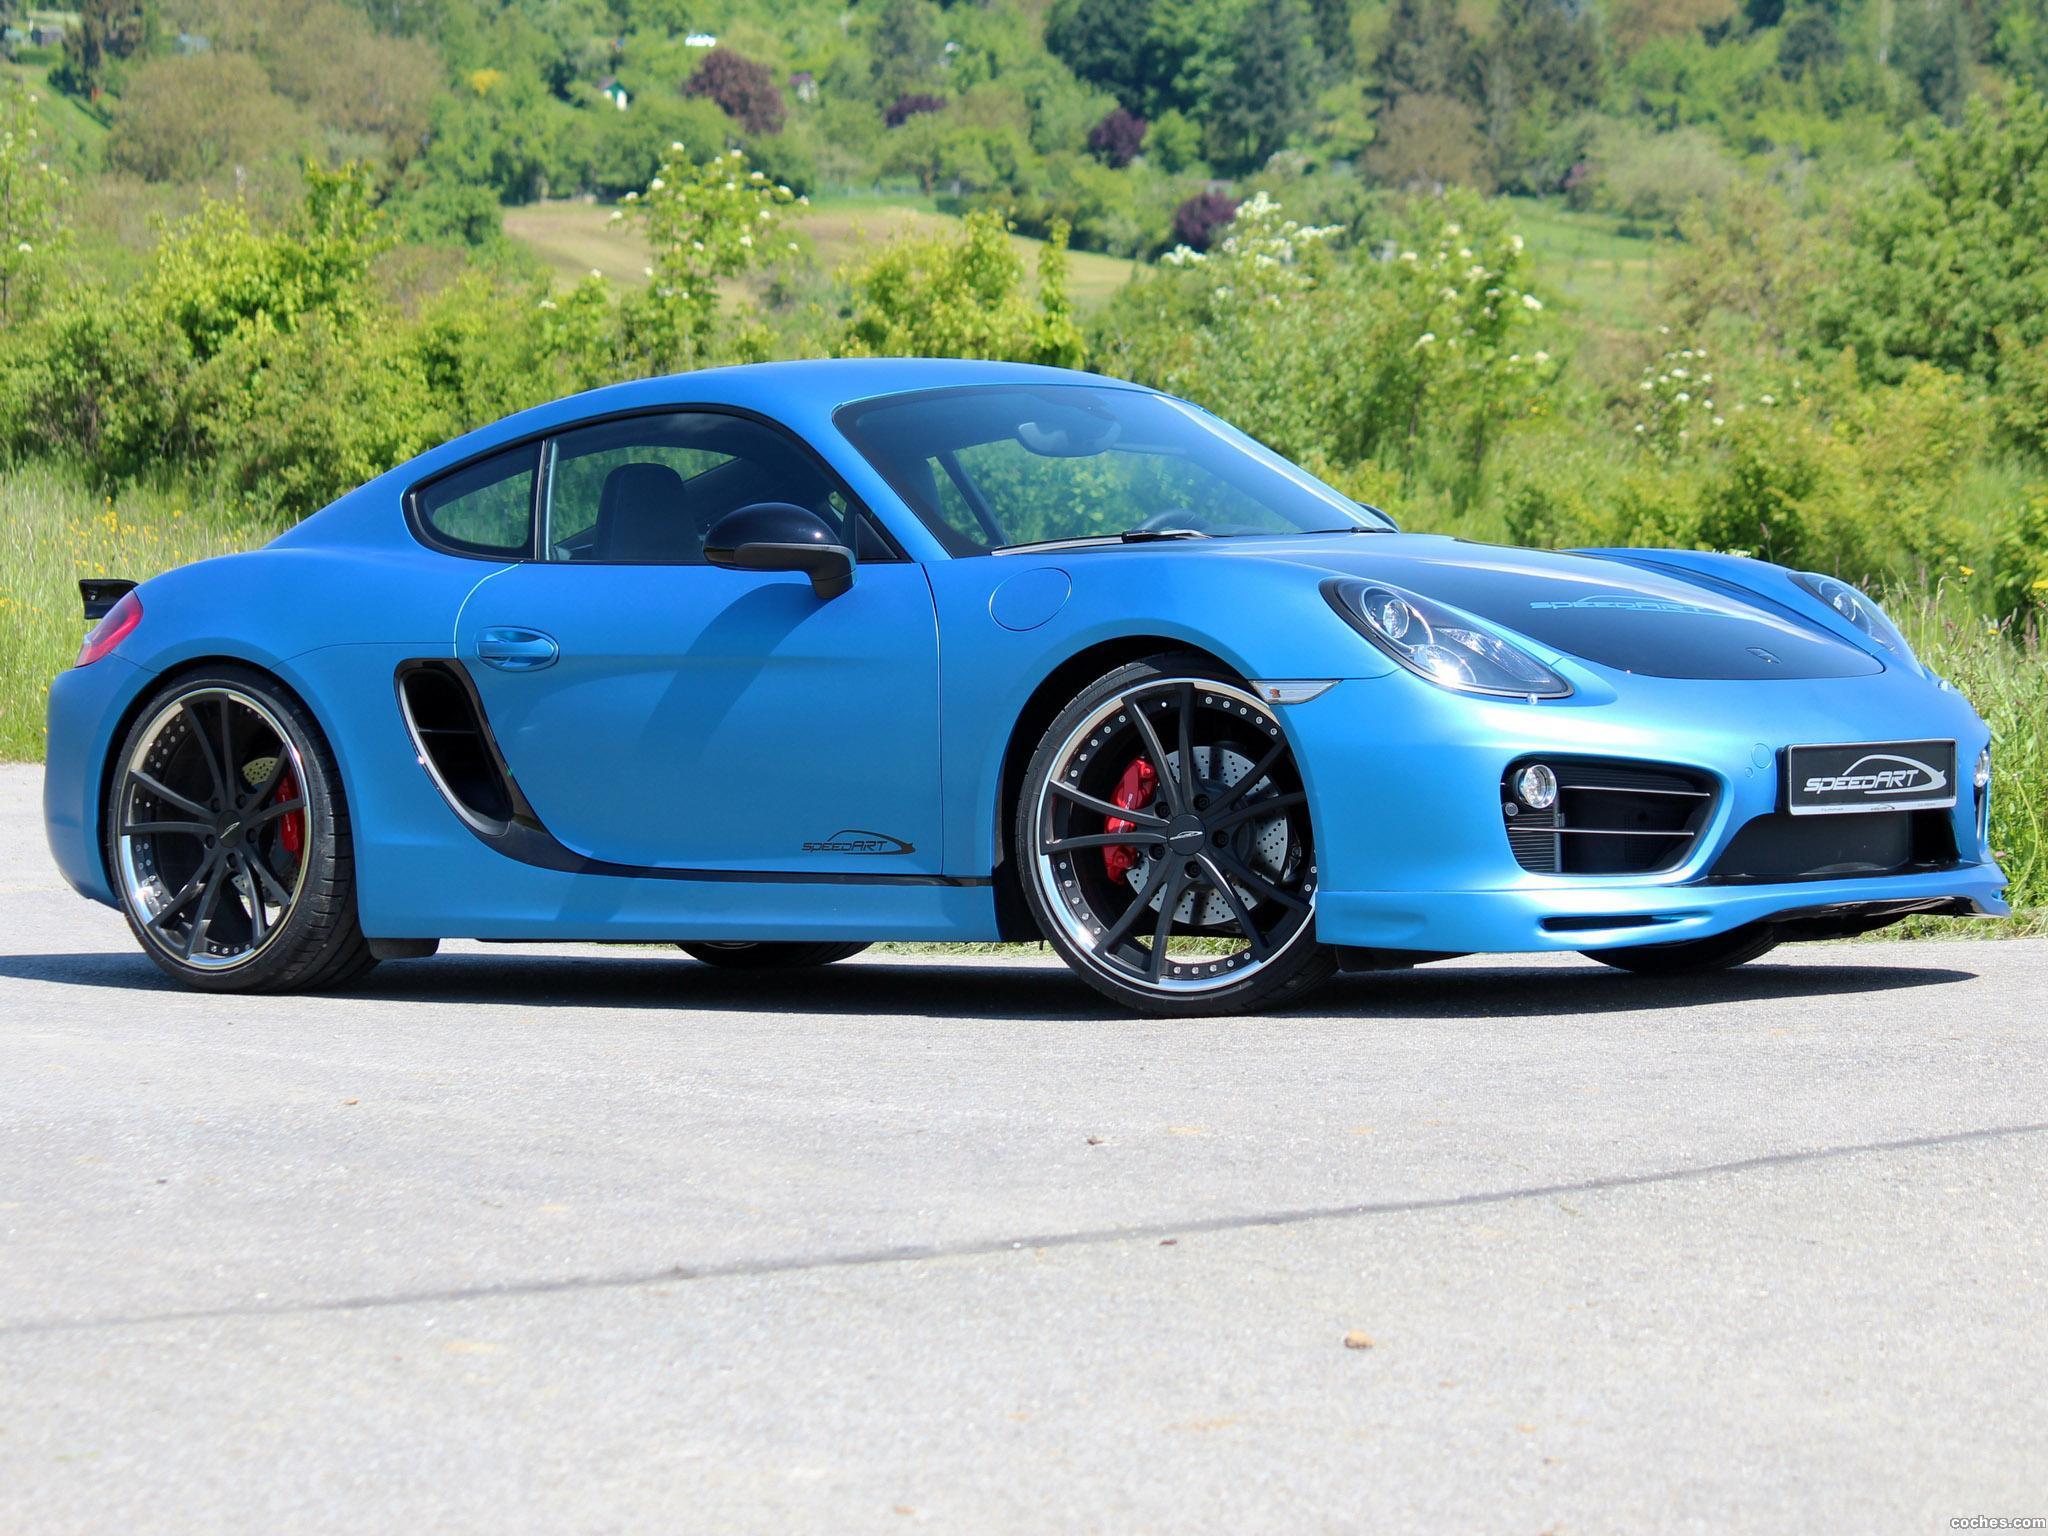 Foto 2 de Speedart Porsche Cayman SP81 CR 981C 2013